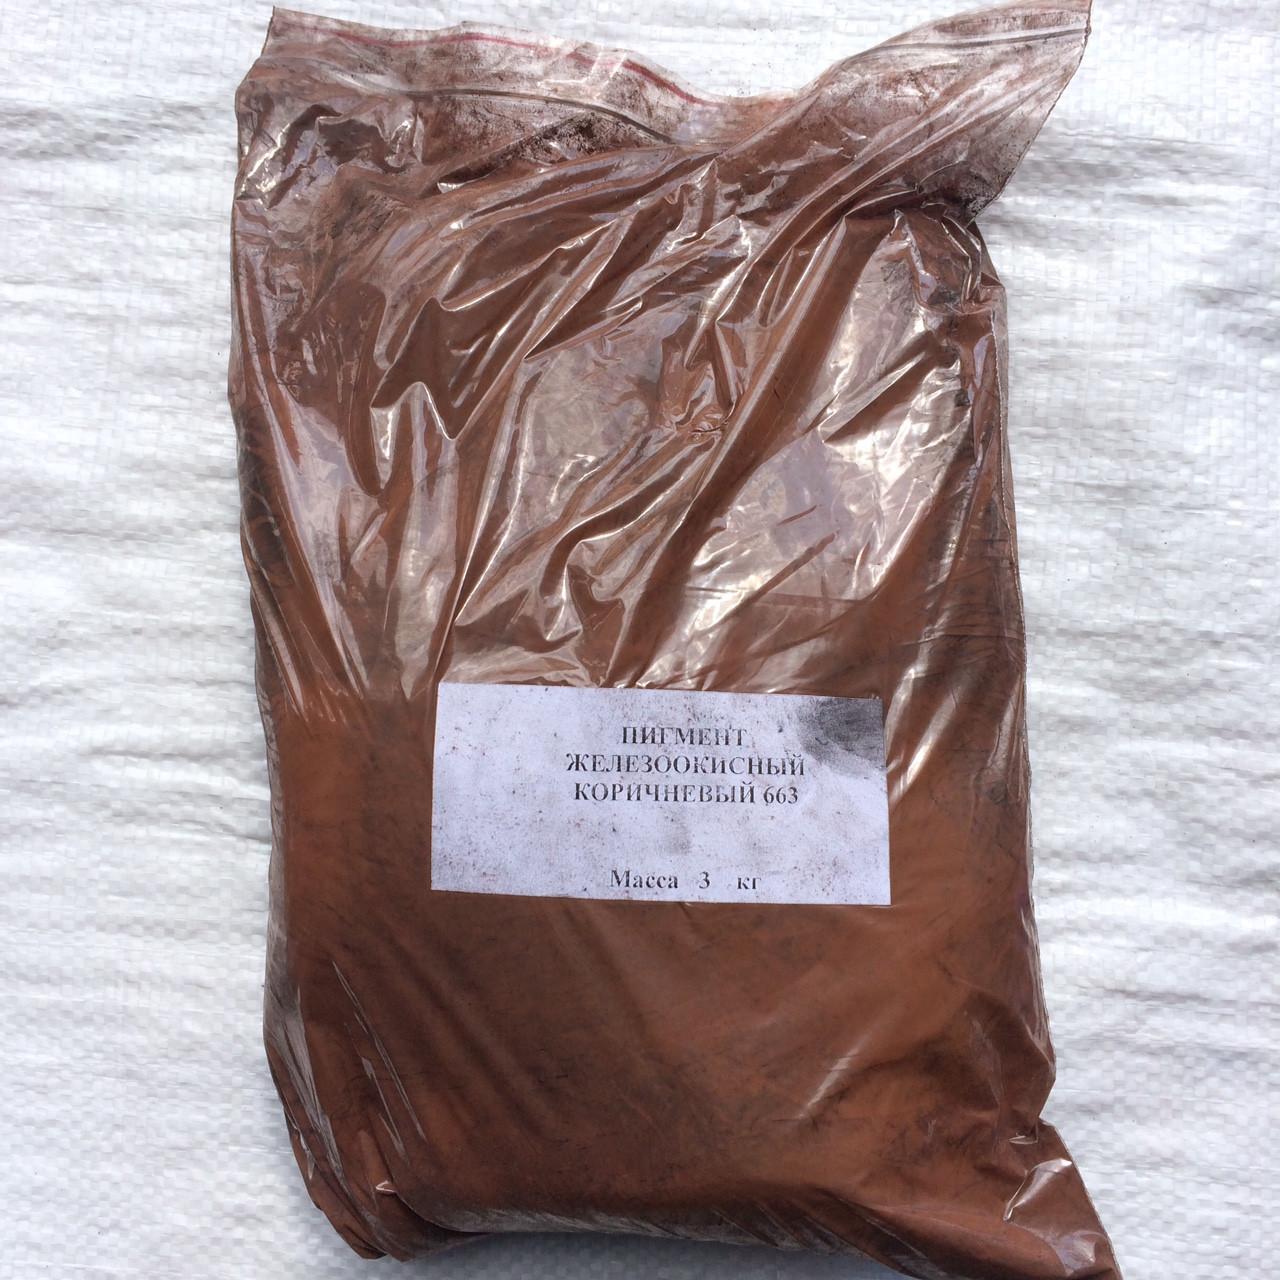 Купить пигмент для бетона в омске где купить добавки в бетон